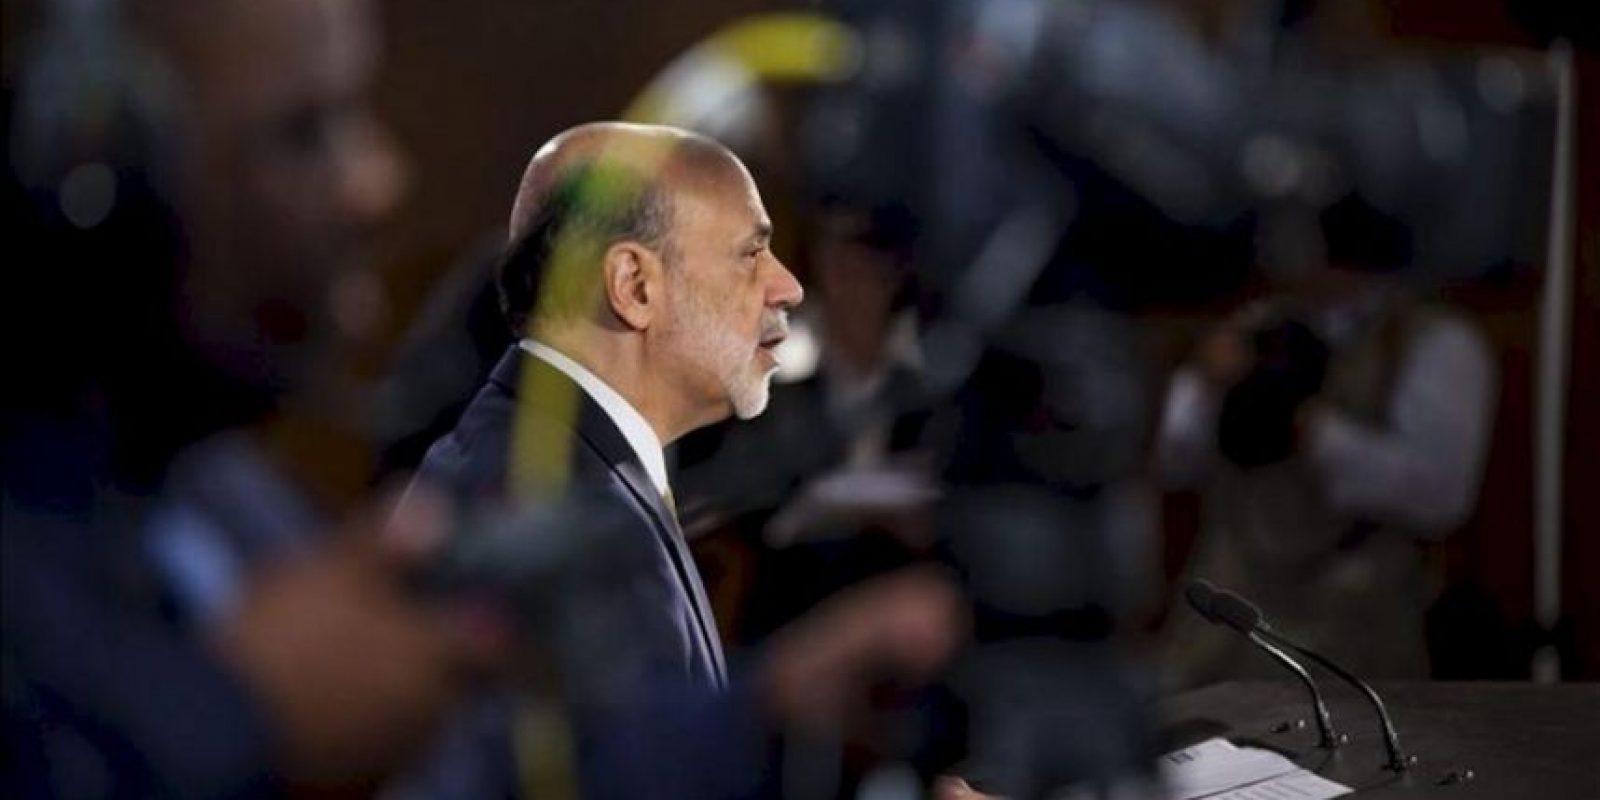 El presidente de la Reserva Federal estadounidense (Fed), Ben Bernanke, se dispone a ofrecer una rueda de prensa en la sede del organismo en Washington DC, Estados Unidos. EFE